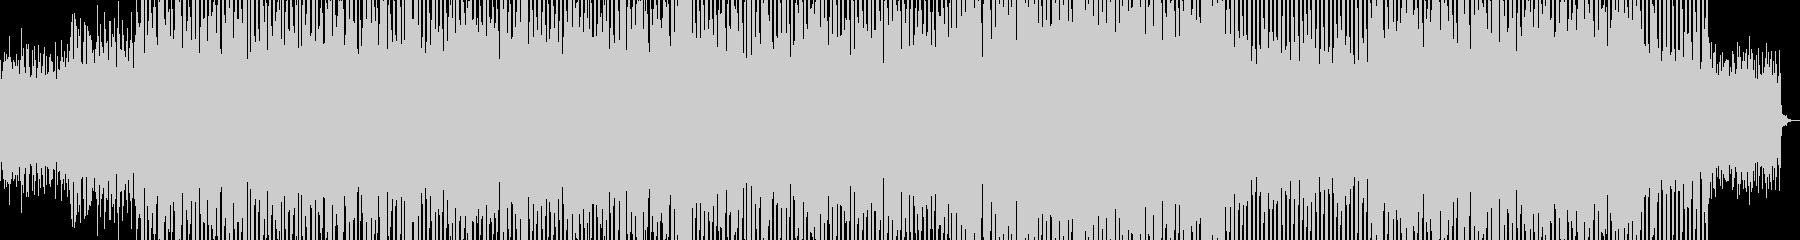 爽やかなエレクトロポップの未再生の波形